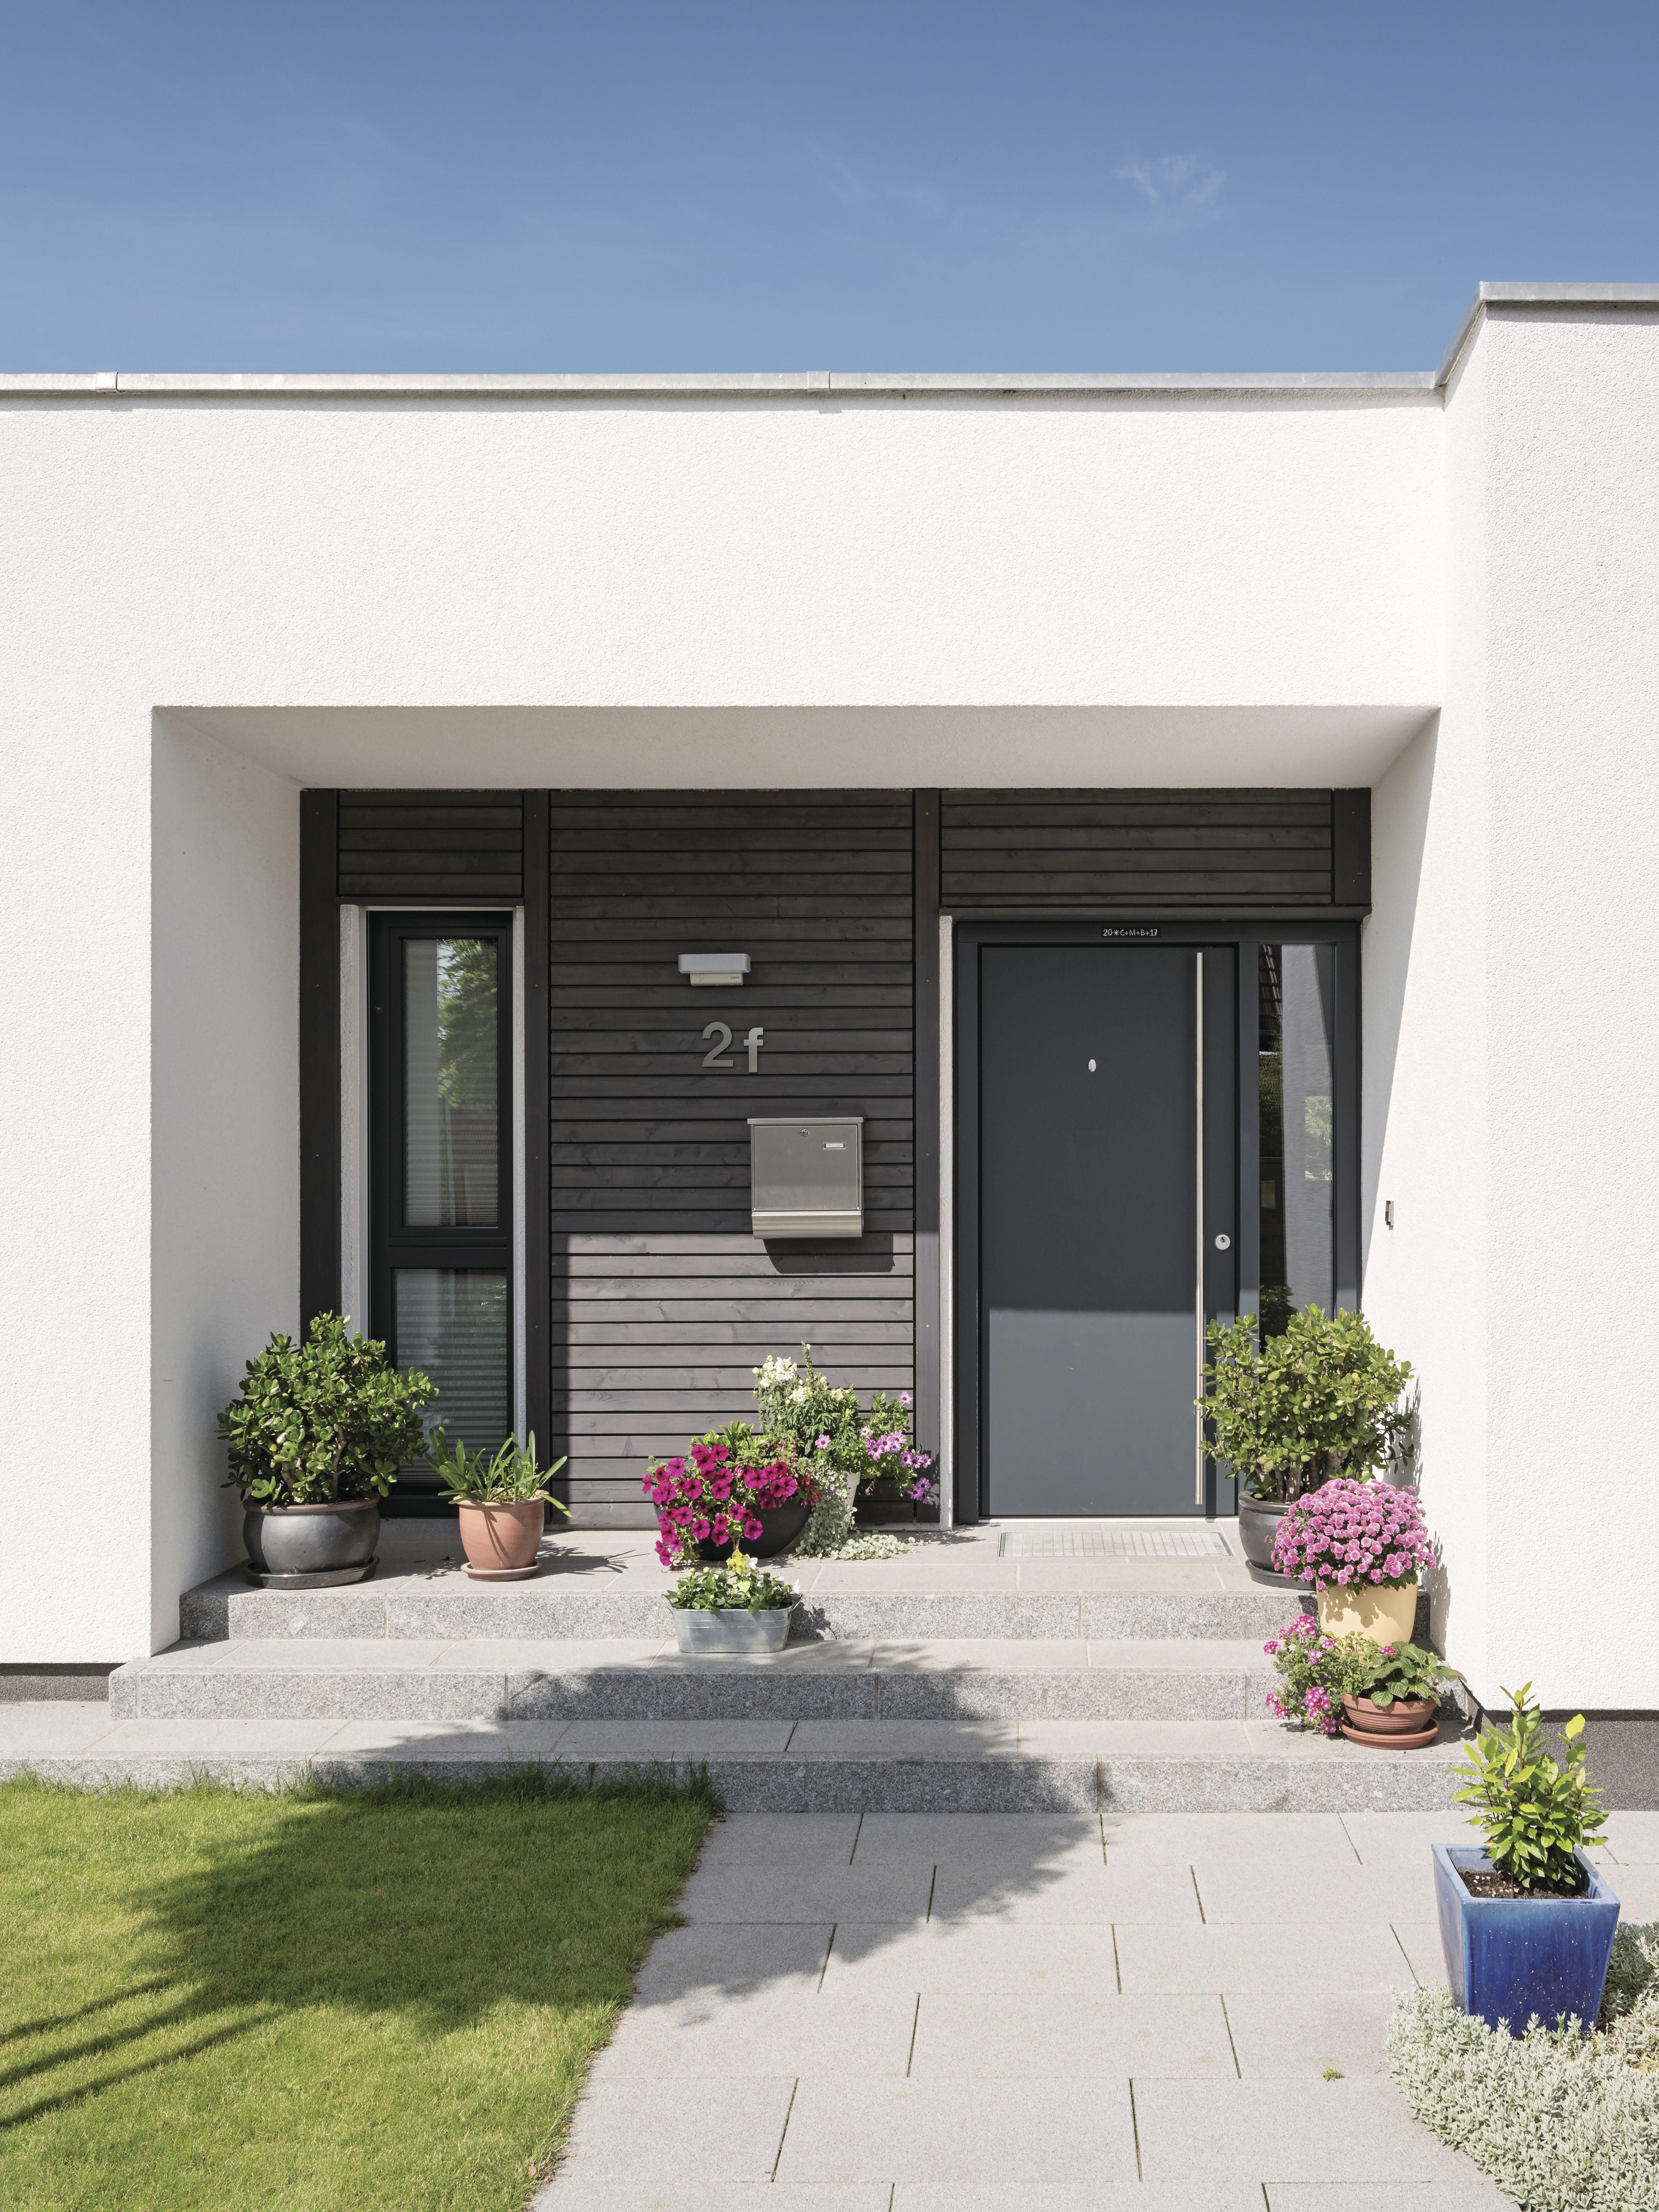 Erdgeschoss haus front design bungalow von weberhaus  moderne komfortzone auf einer ebene